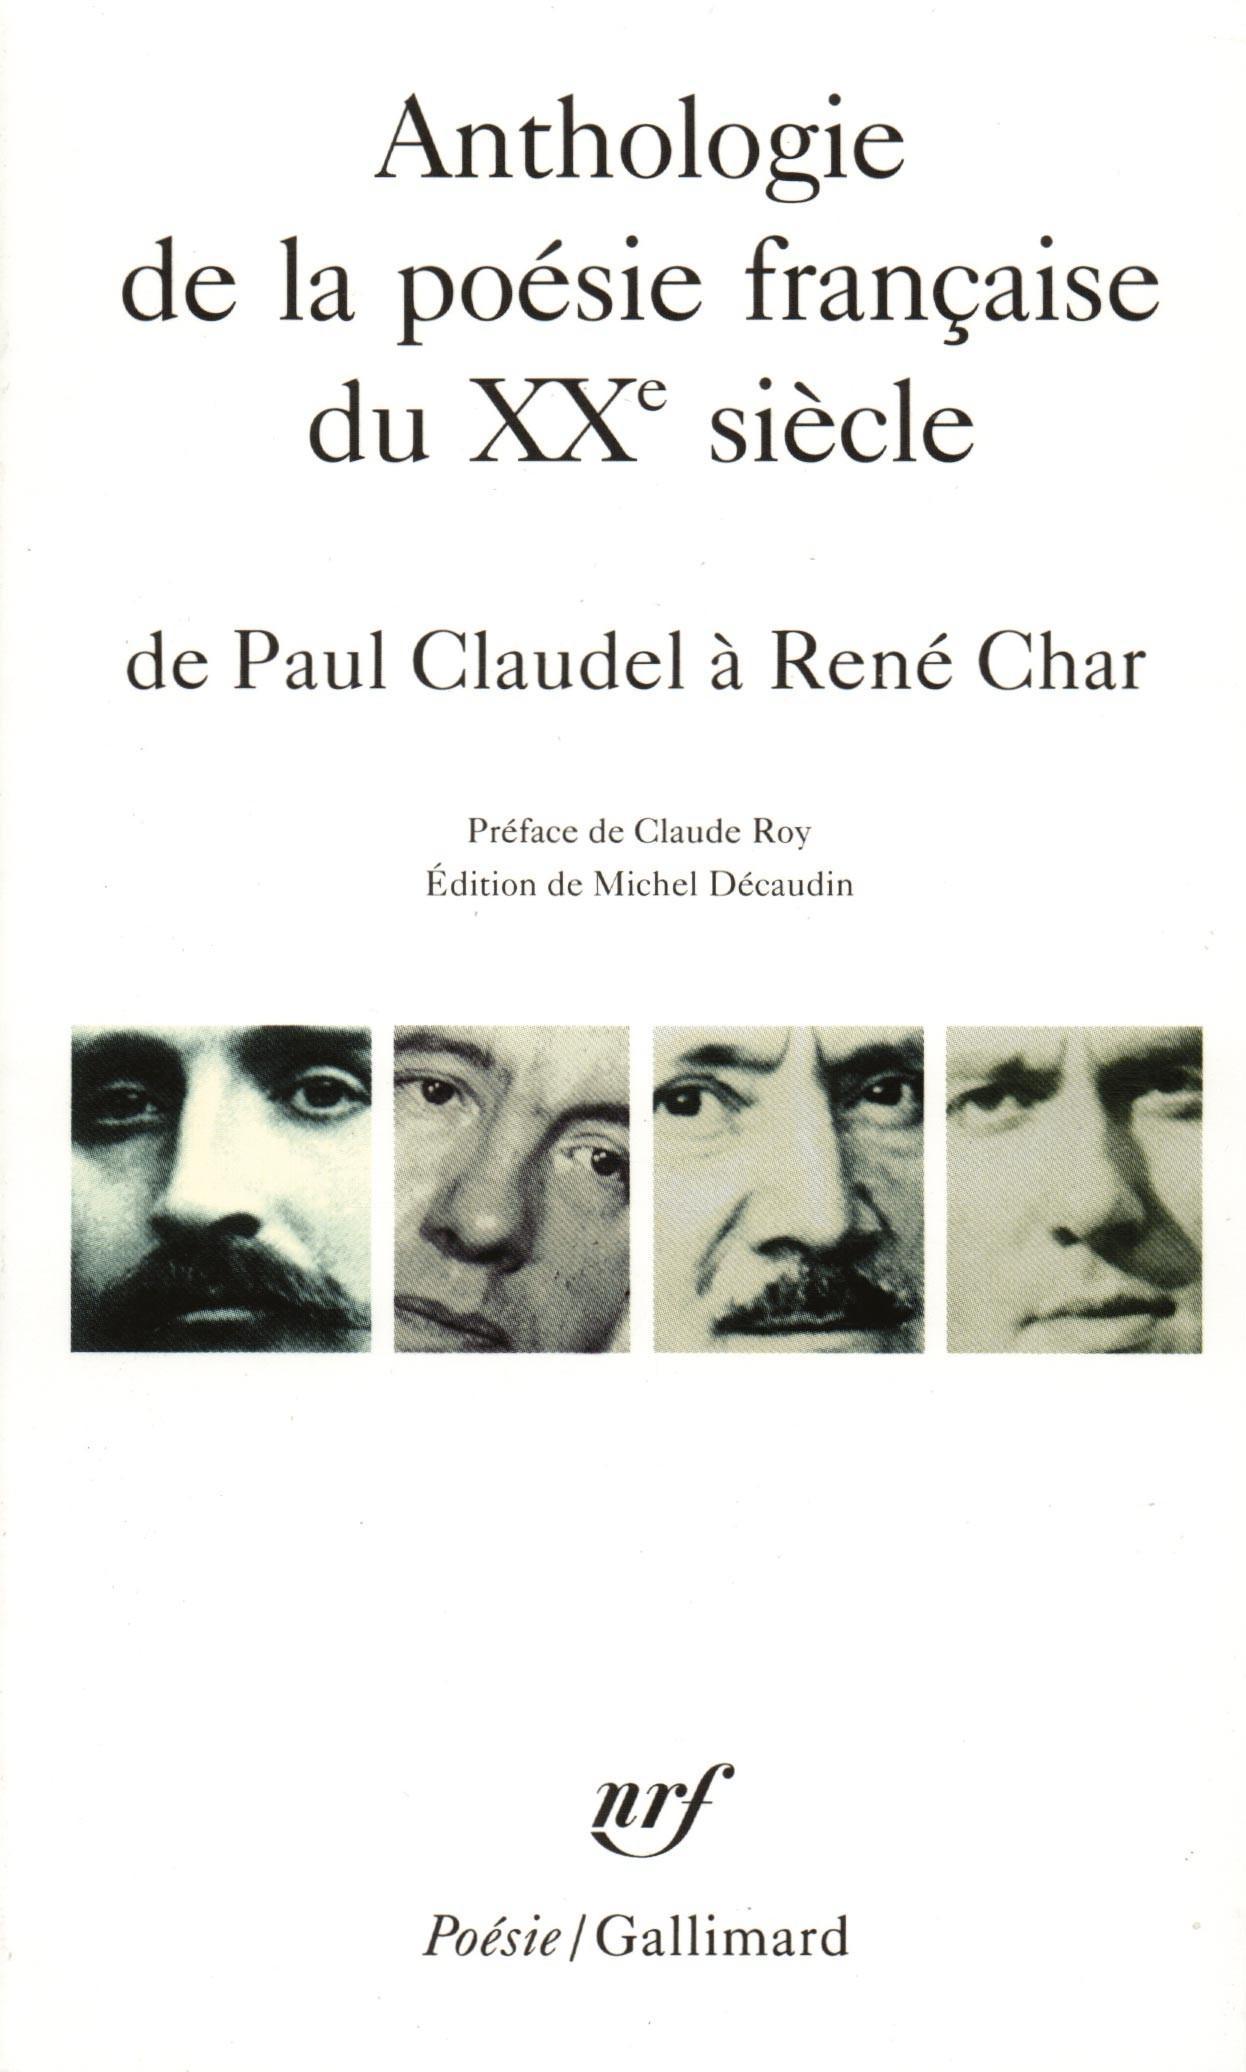 Anthologie de la poésie française du XXᵉ siècle